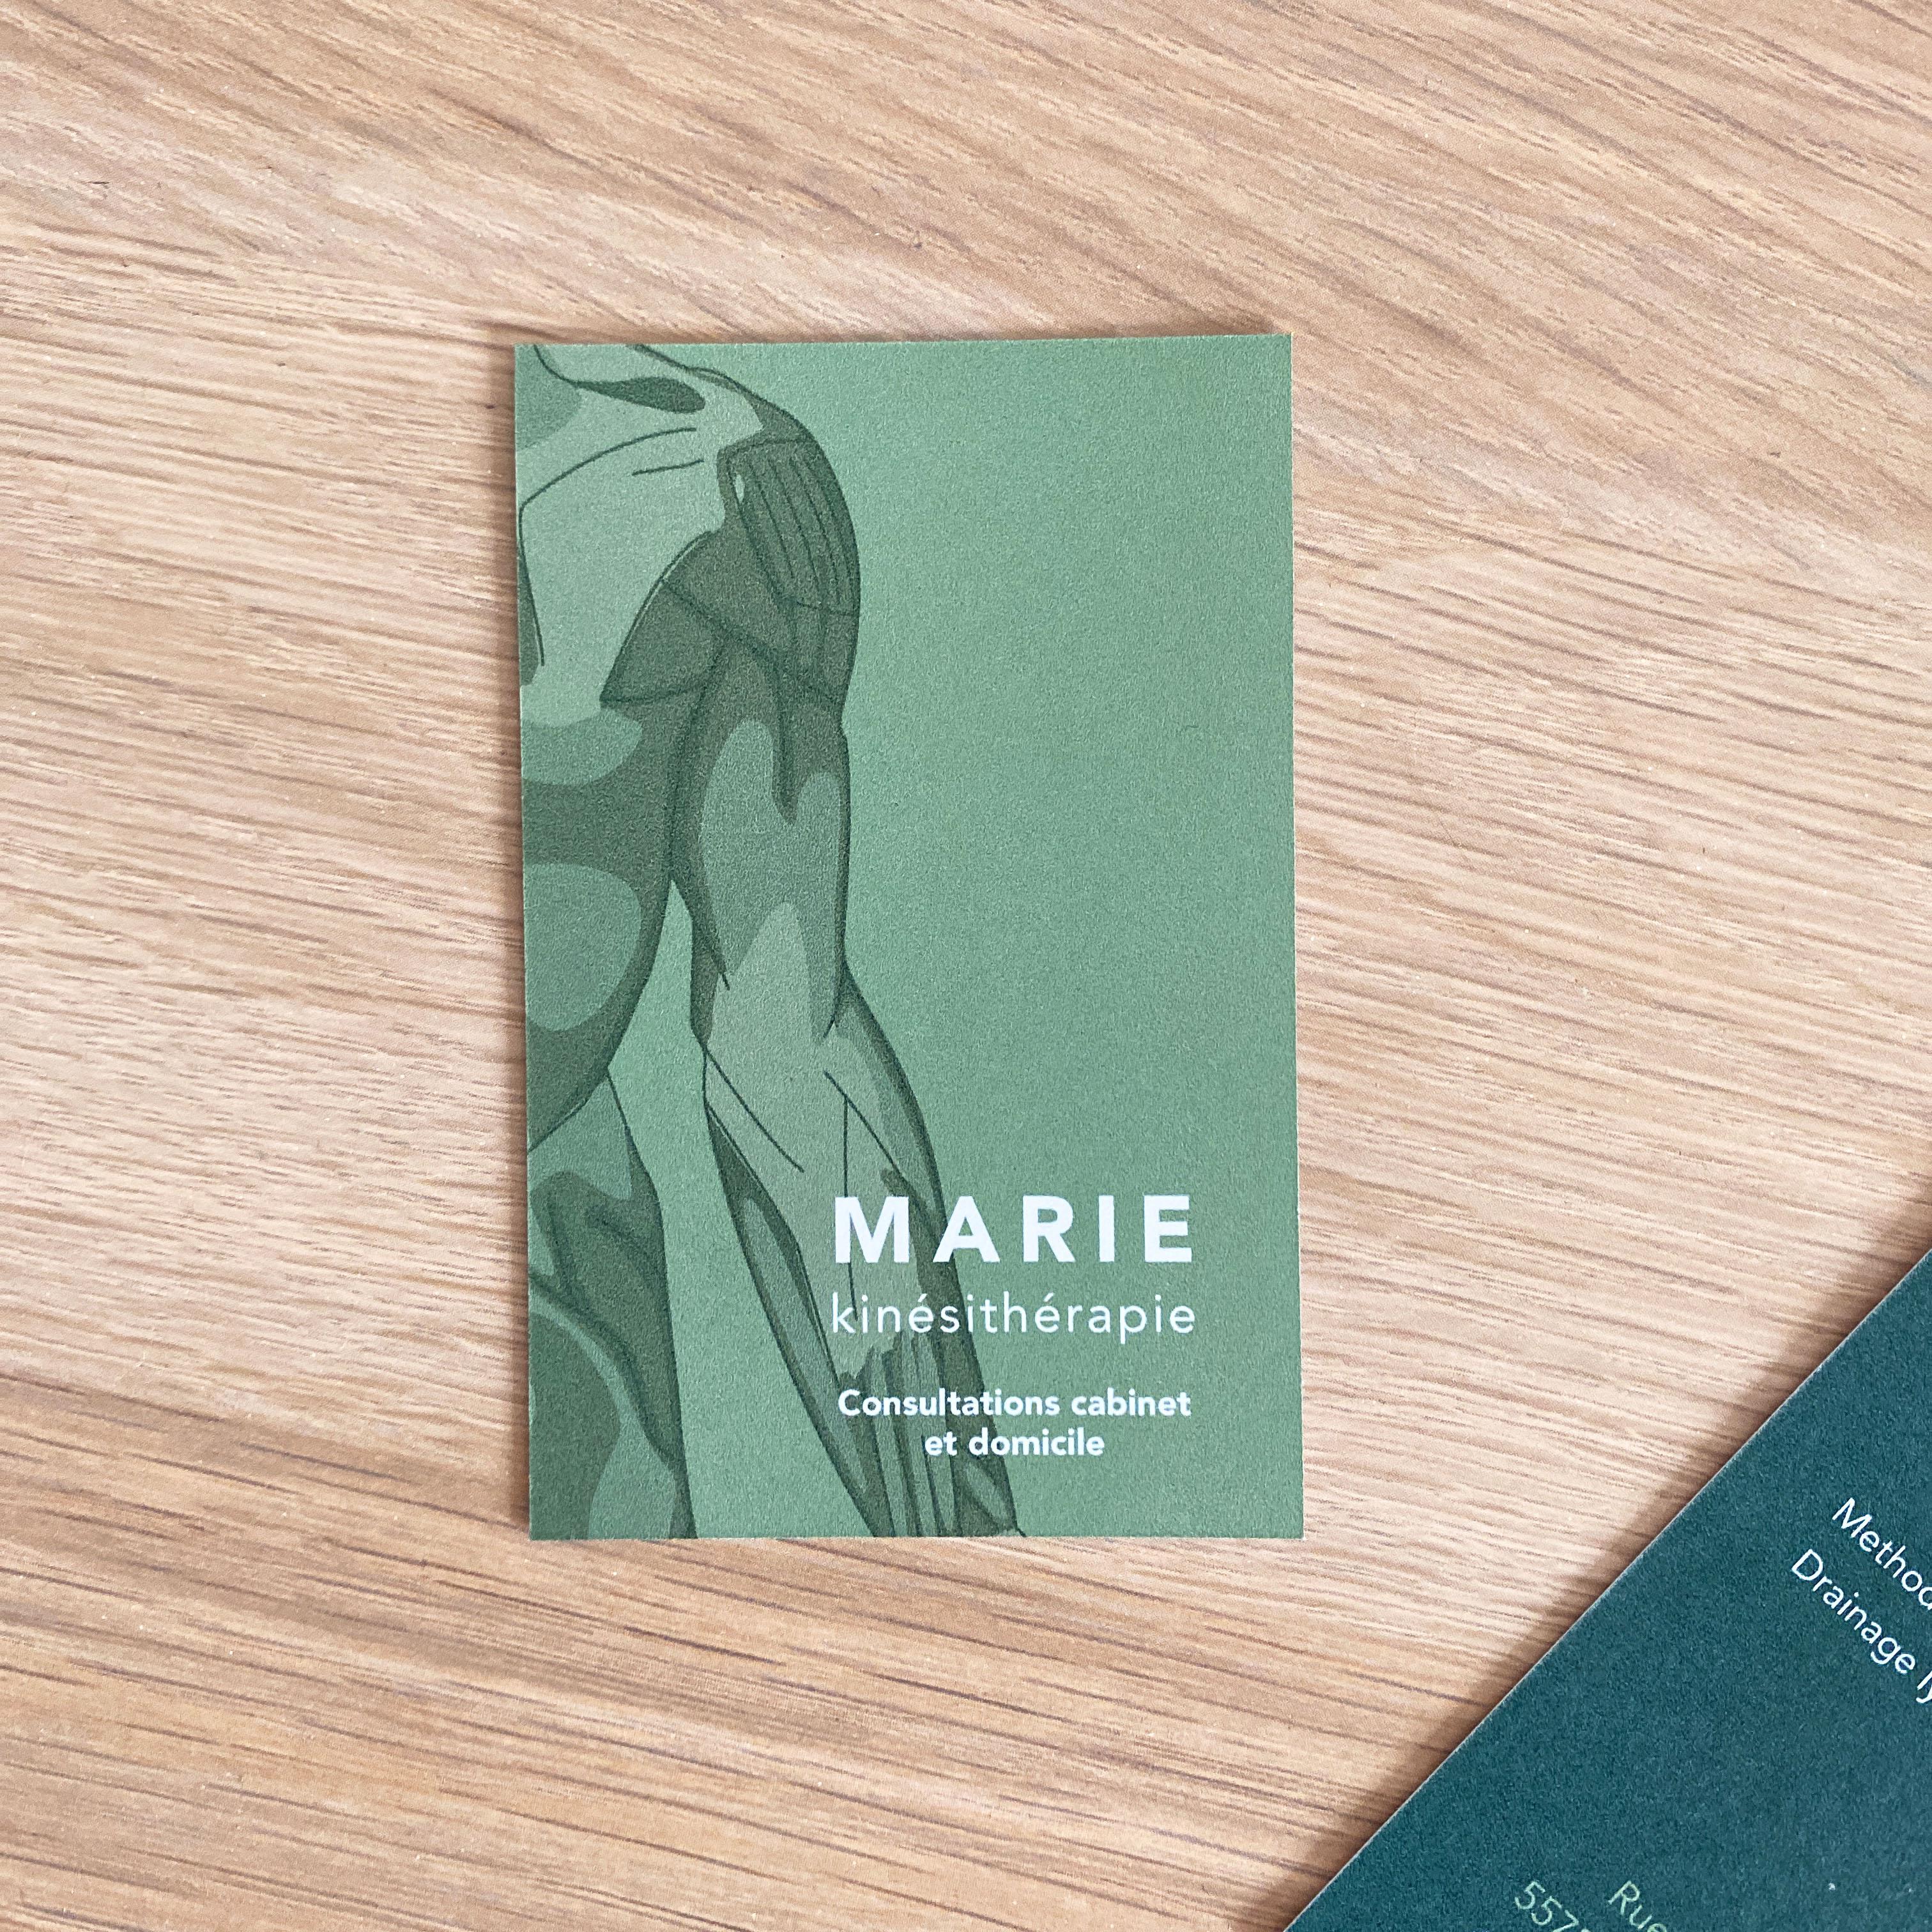 Carte Marie kinésithérapie R